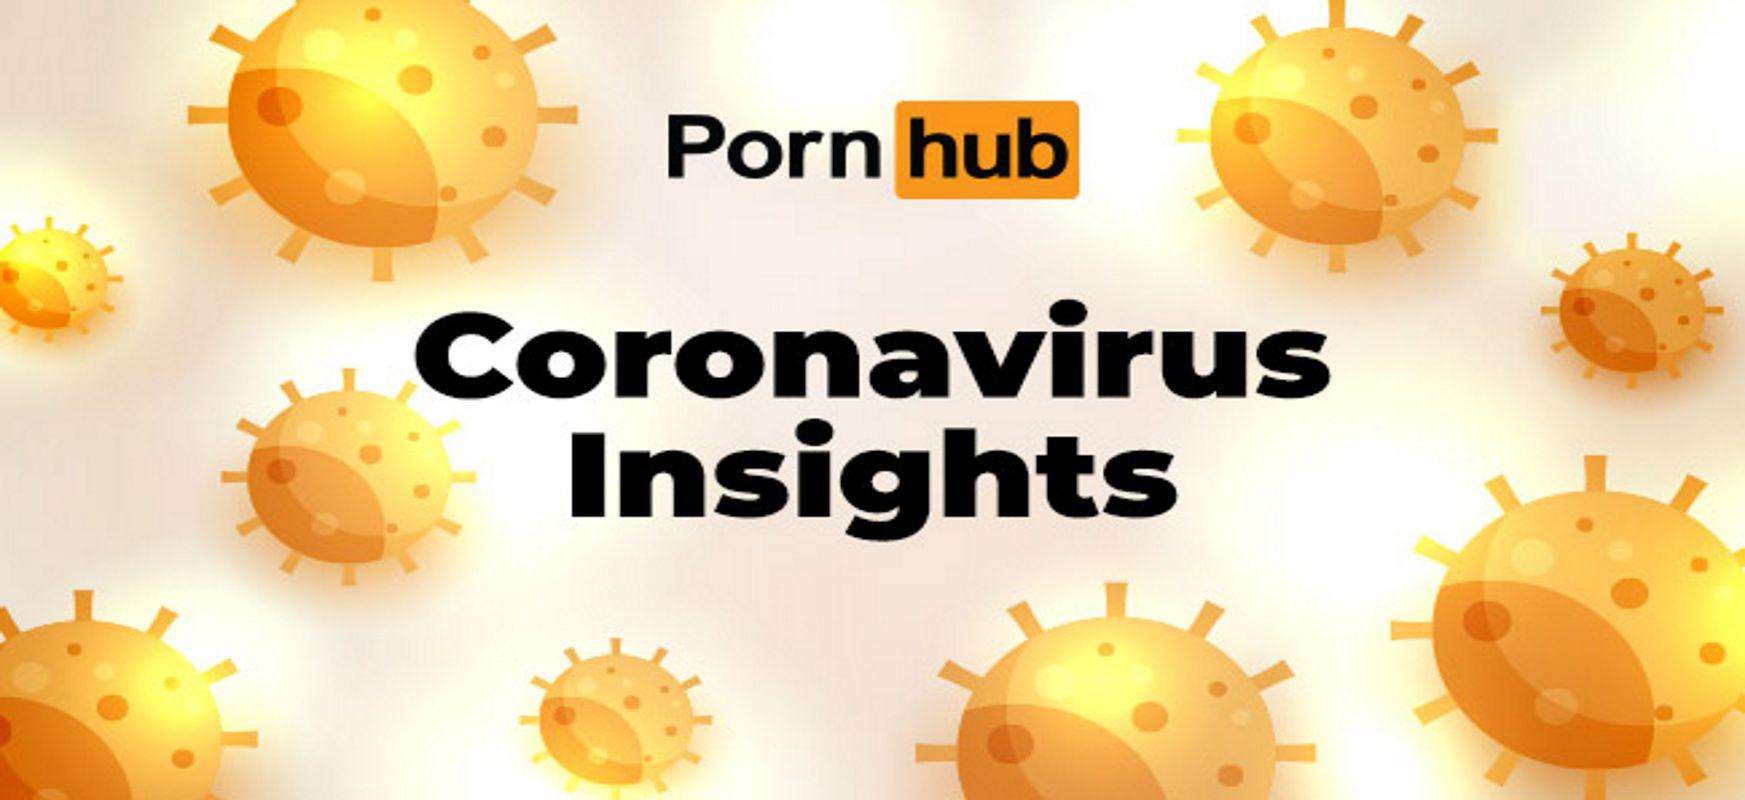 (Berdin) maitasuna izurrite garaietan.  Coronaporn bat agertzen da Pornhub-en